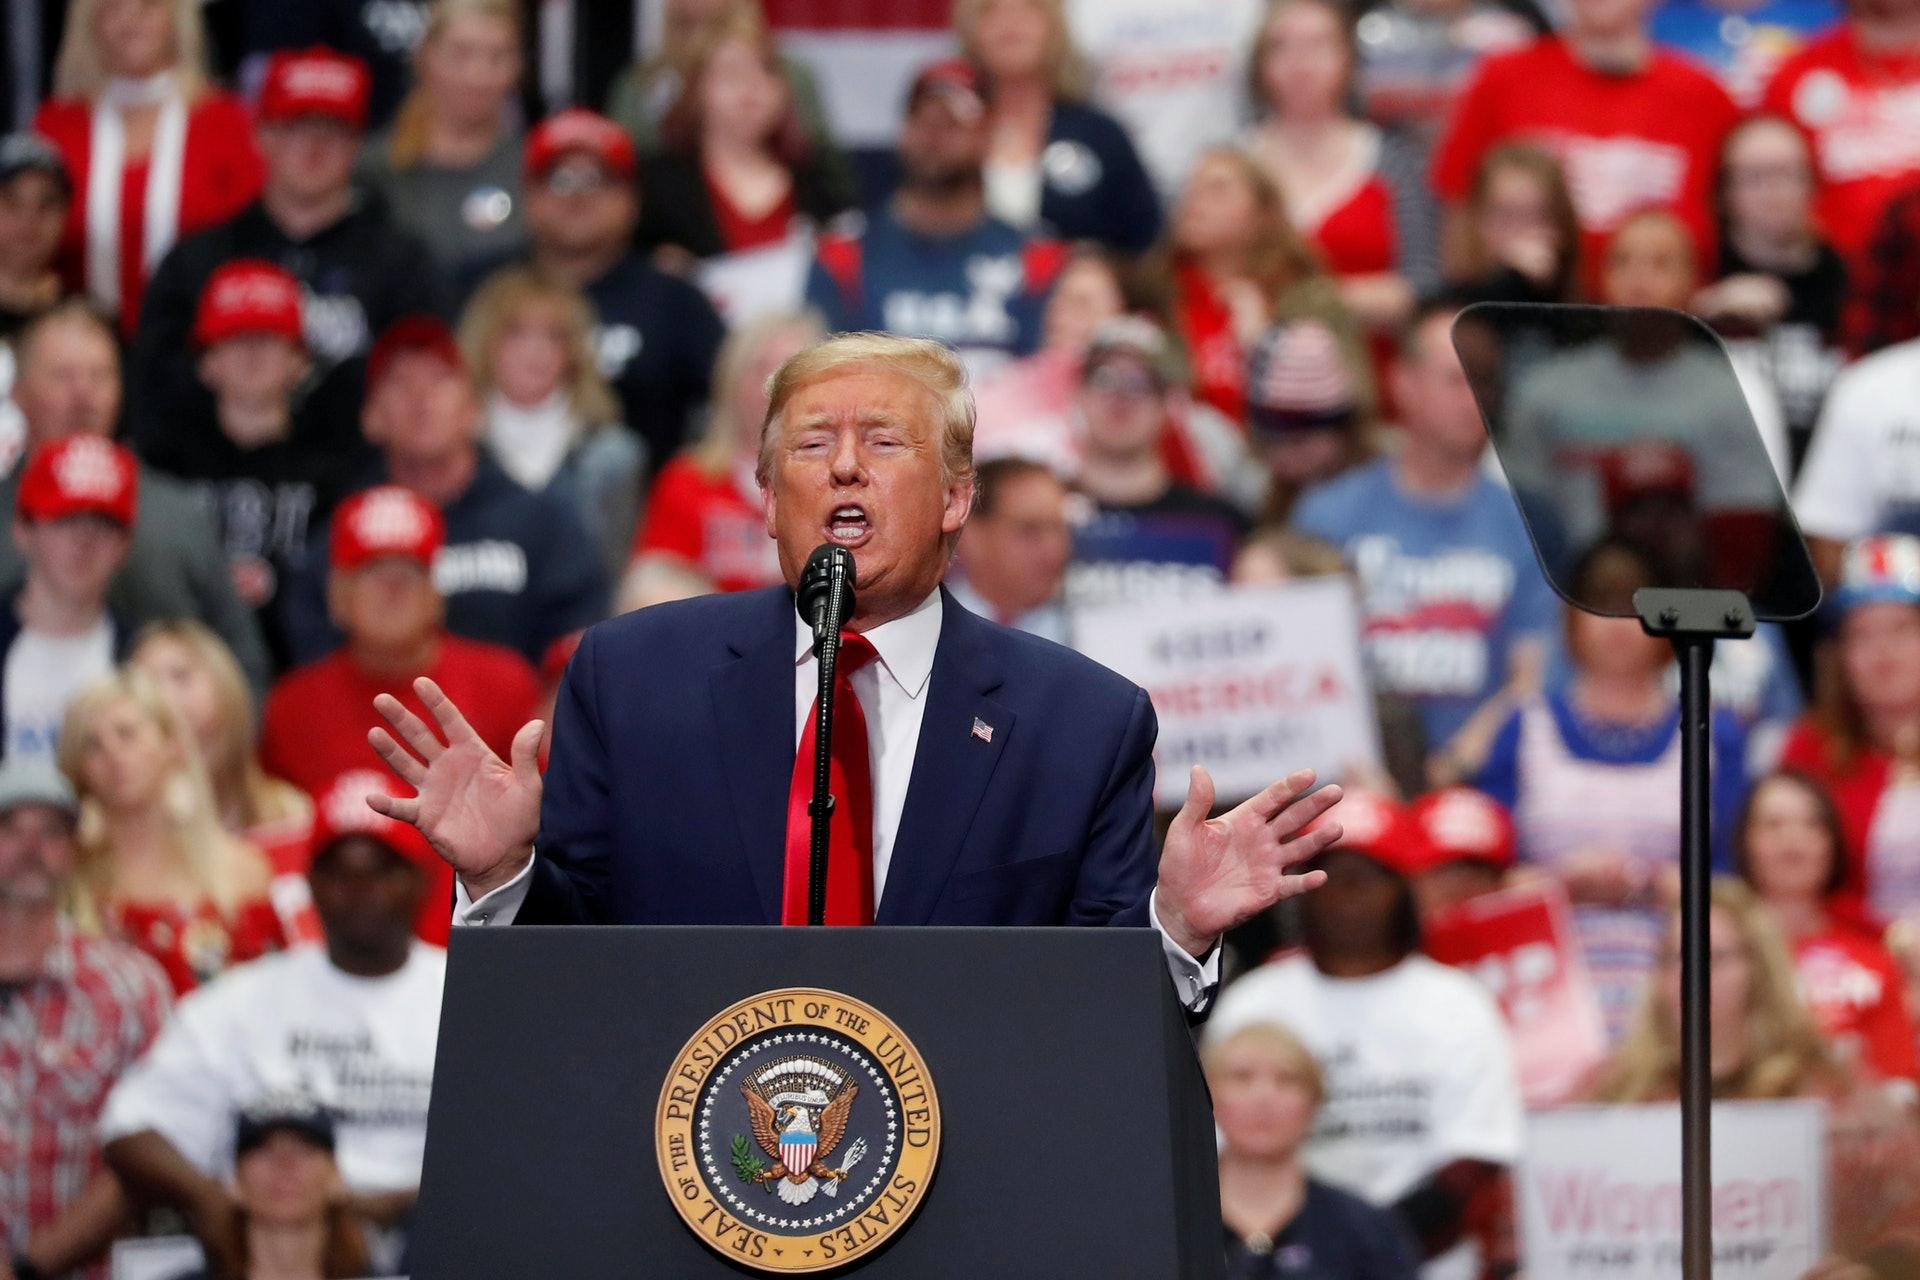 美國大選:美國總統特朗普6月12日宣布把疫情後首場競選集會的舉行日期延後1天。圖為他3月2日在北卡羅來納州夏洛特出席競選集會。(Reuters)